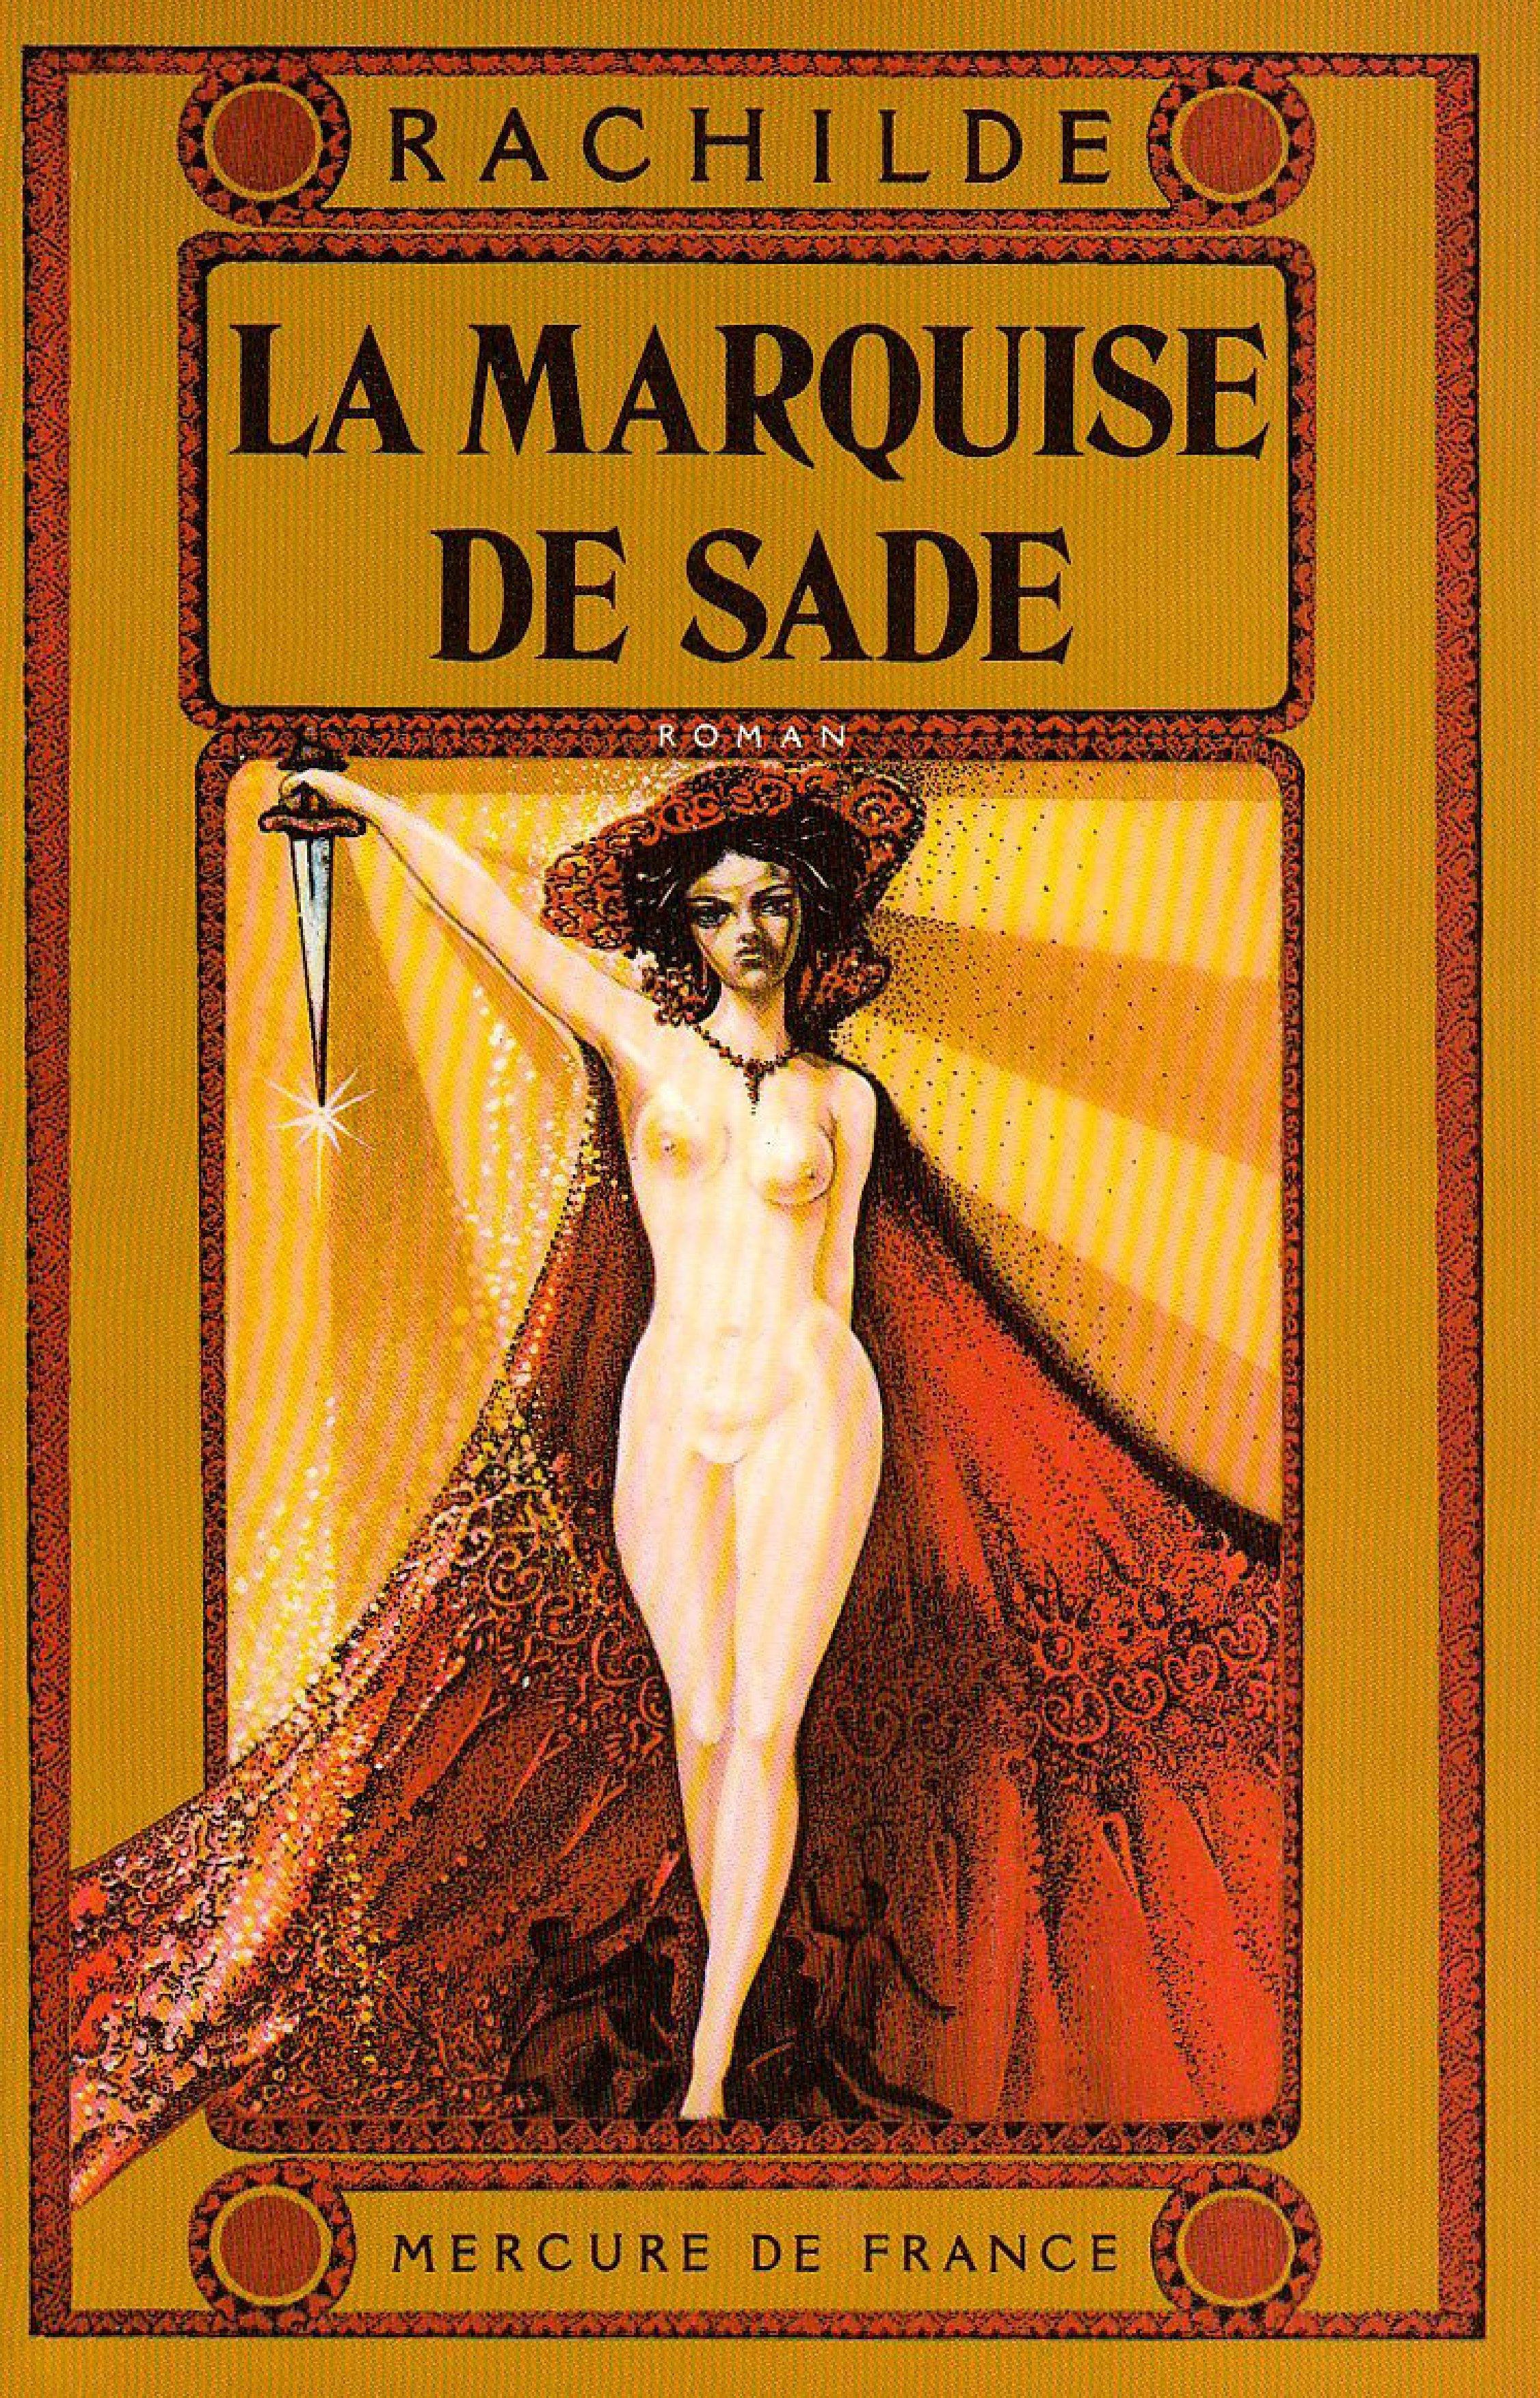 La Marquise de Sade